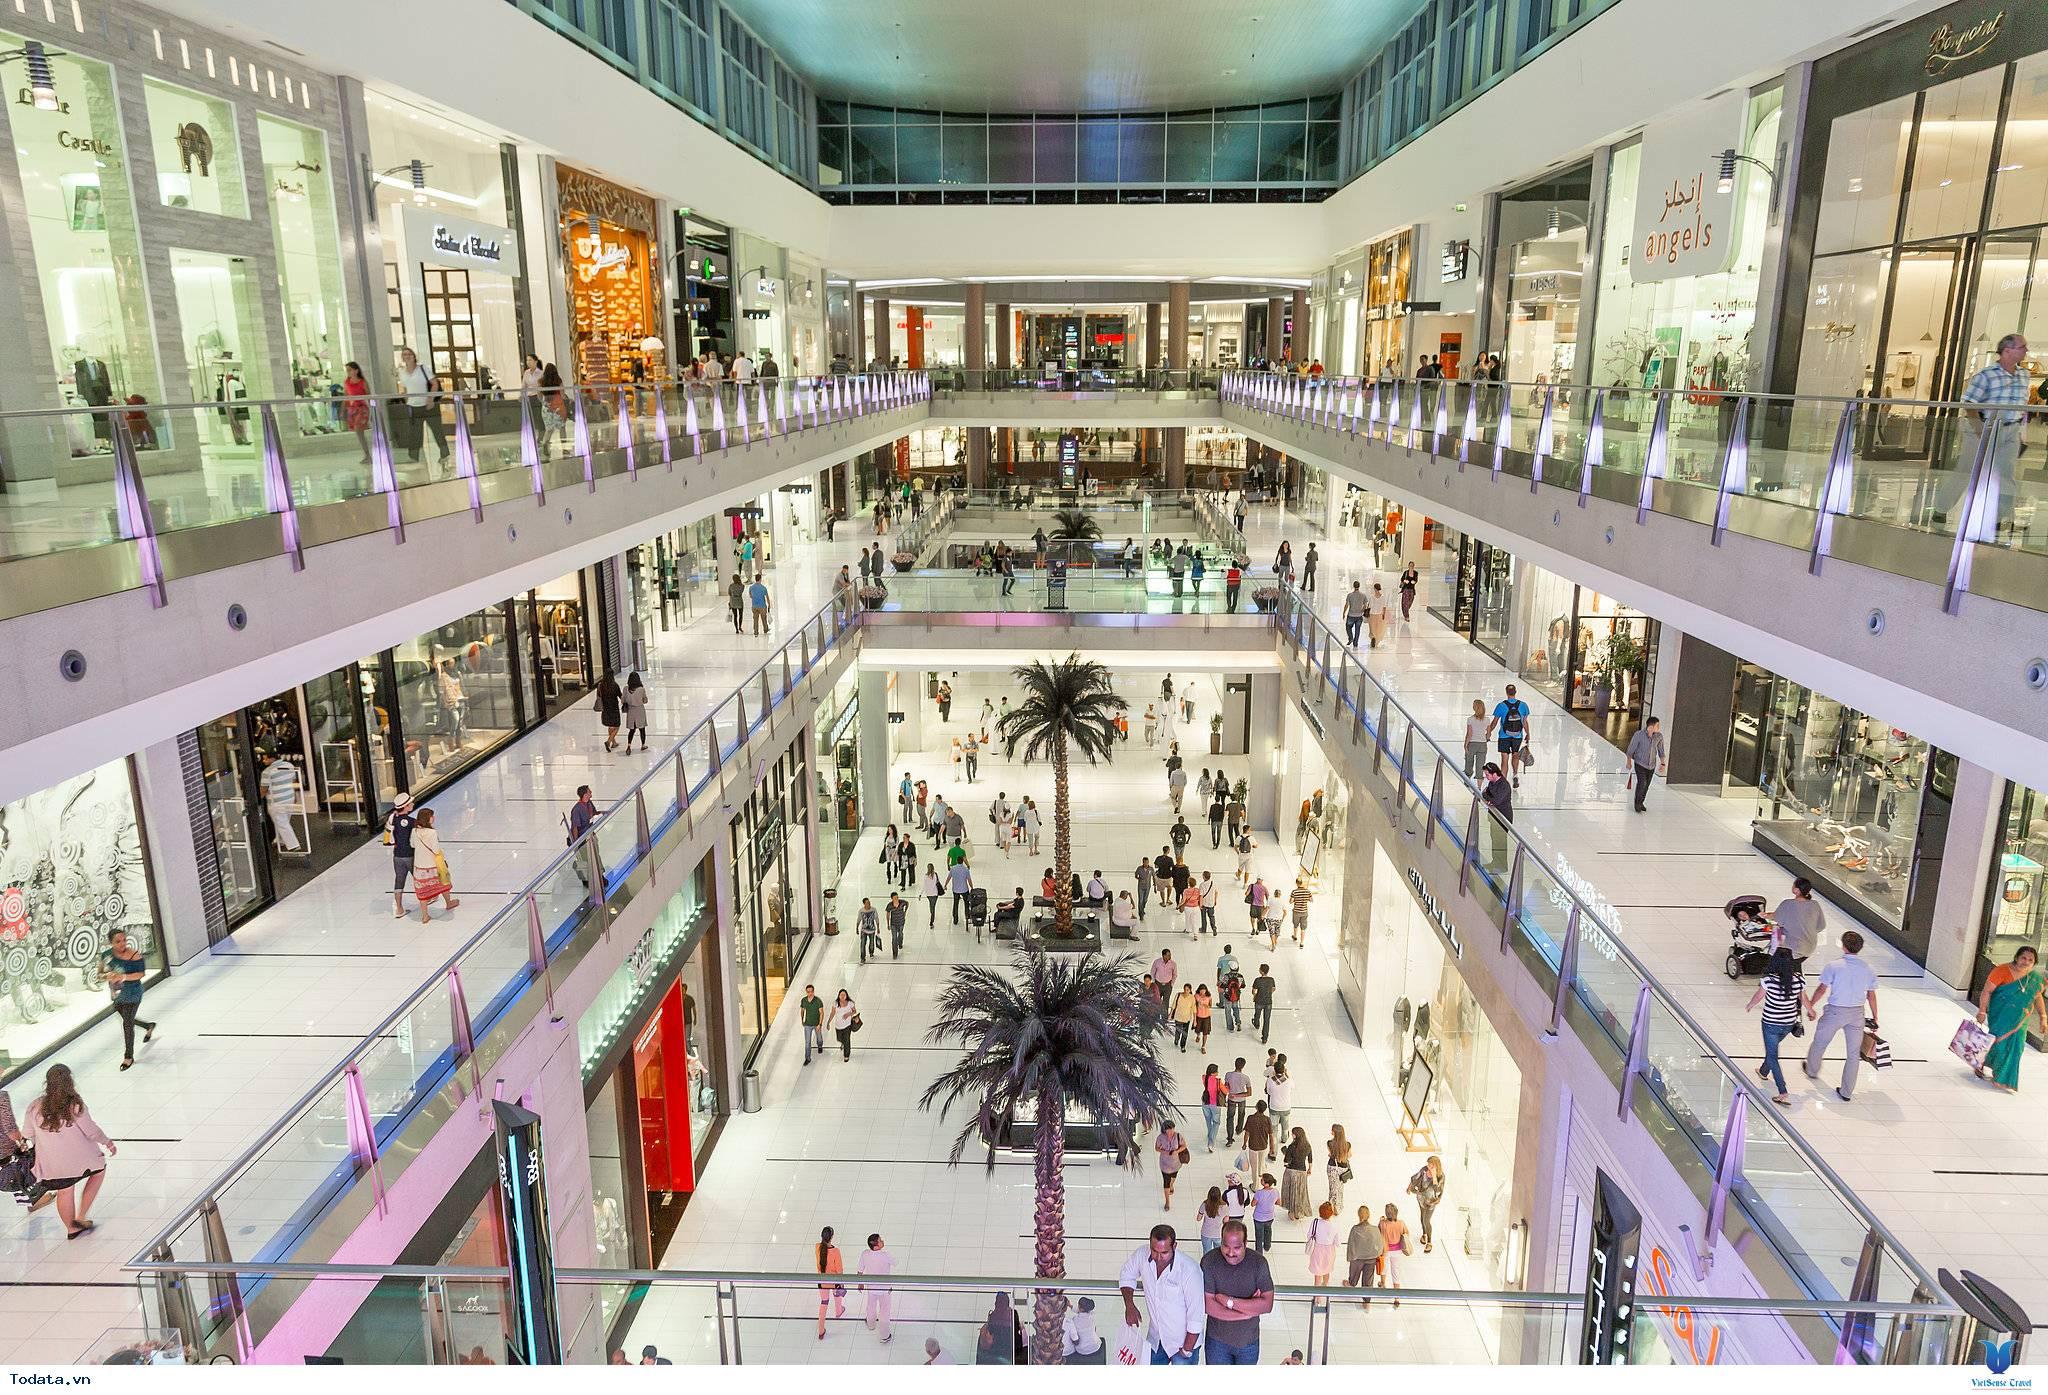 Khám Phá Trung Tâm Mua Sắm Lớn Nhất Thế Giới Dubai Mall - Ảnh 2